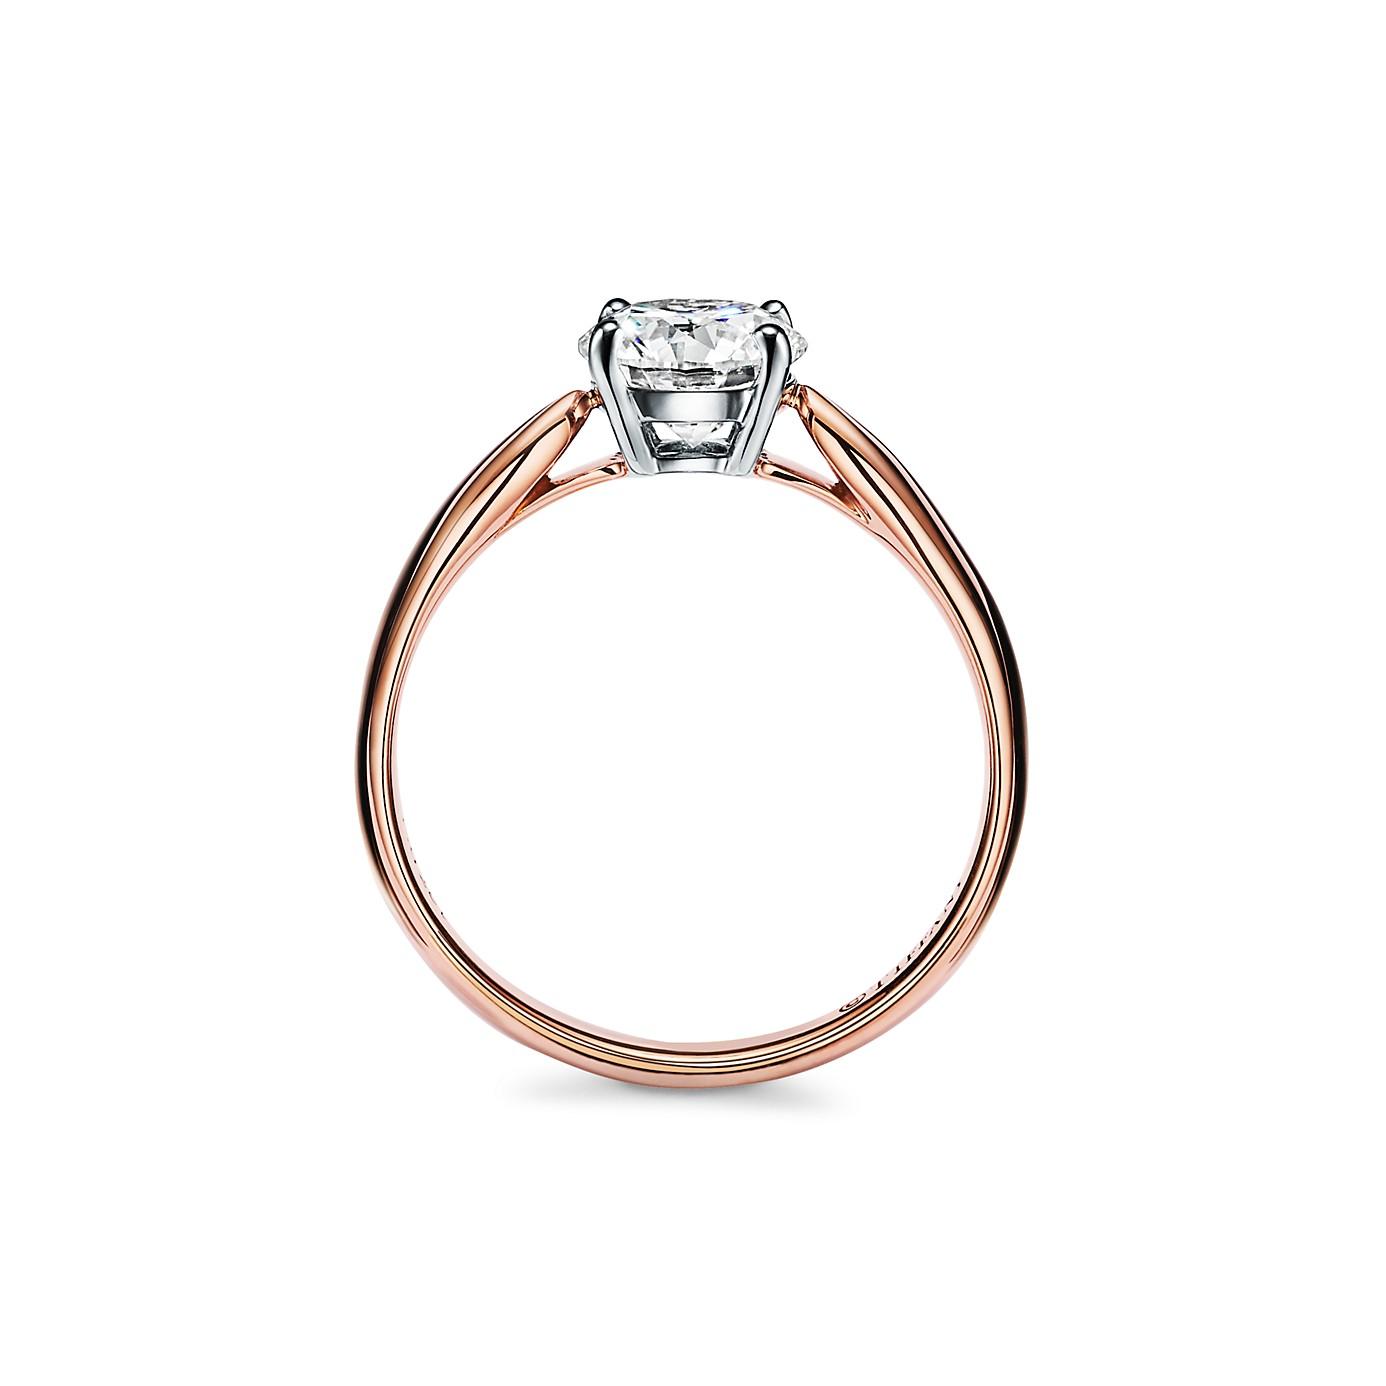 ティファニー ハーモニー エンゲージメント リング(2)―Tiffany & Co.(ティファニー)